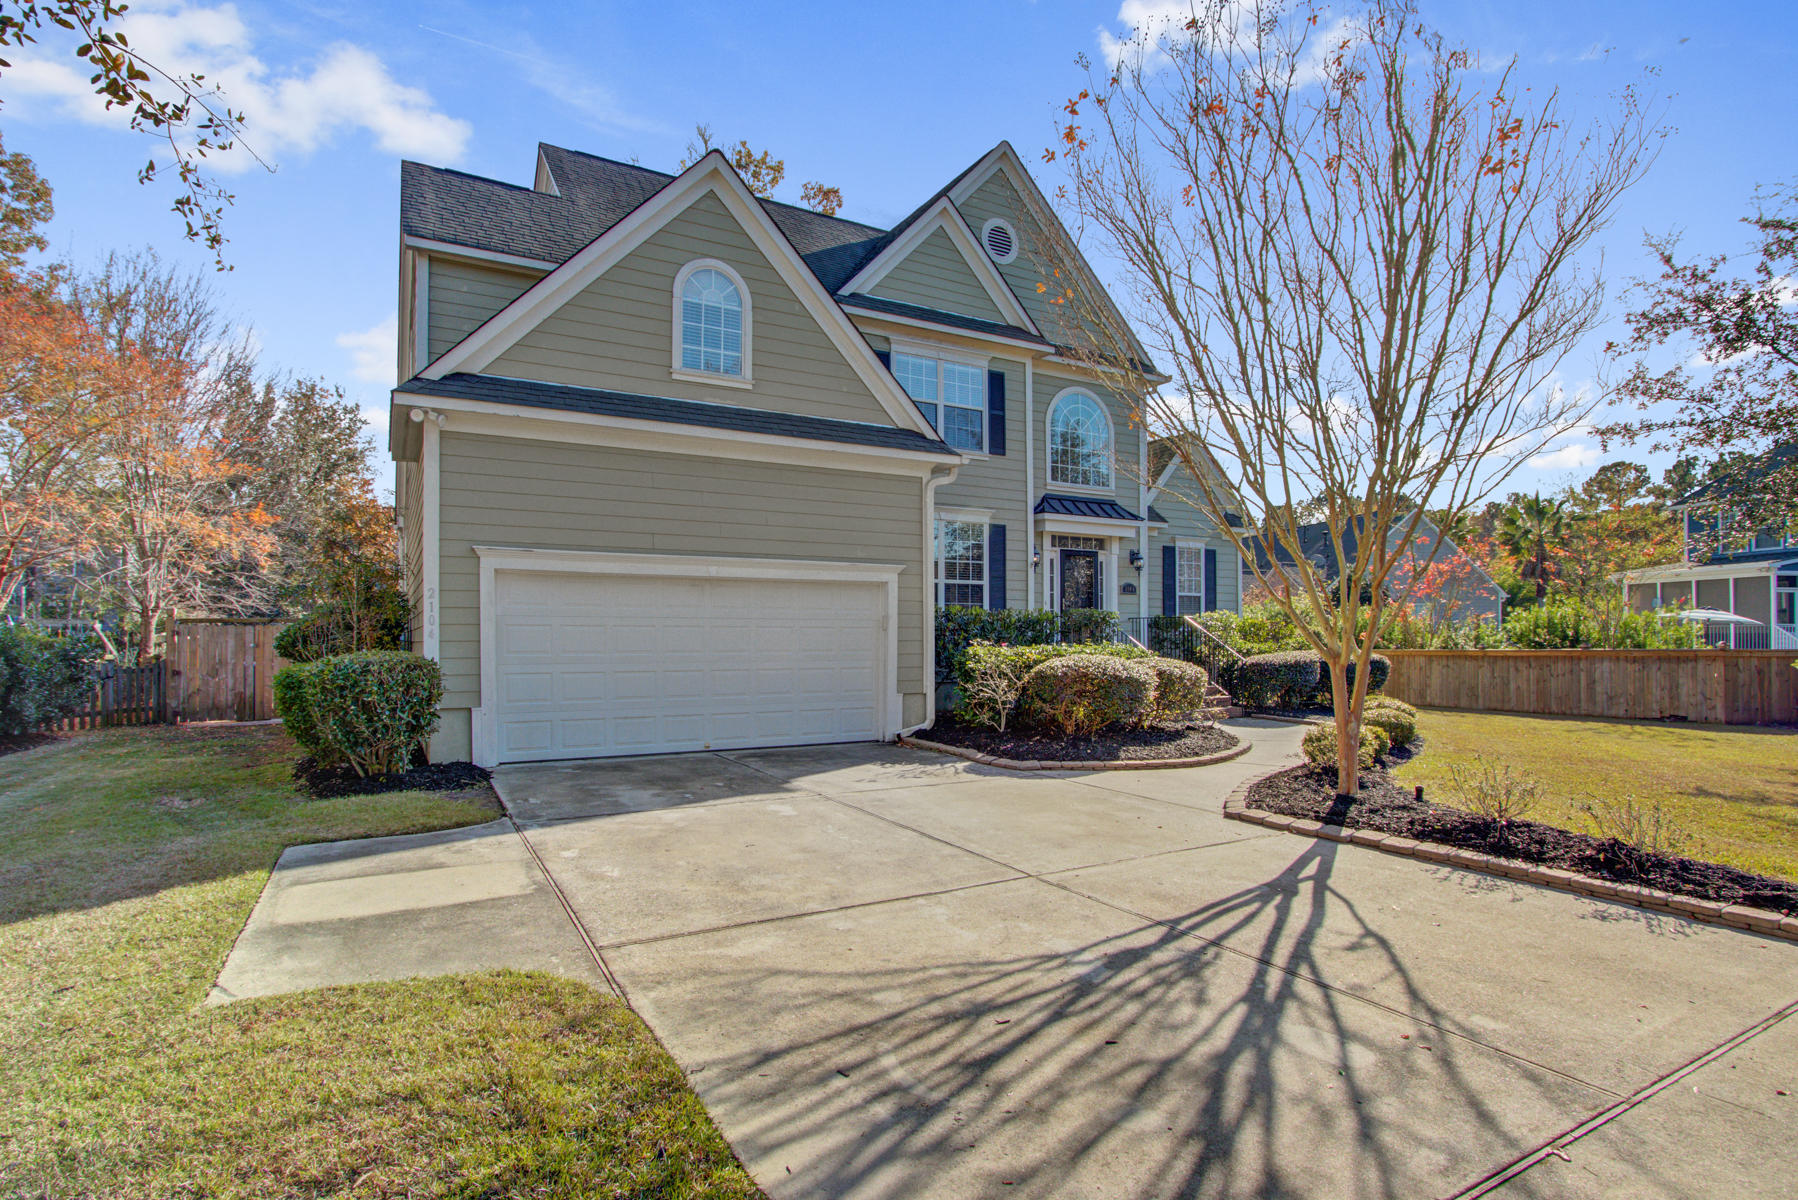 Dunes West Homes For Sale - 2104 Short Grass, Mount Pleasant, SC - 9